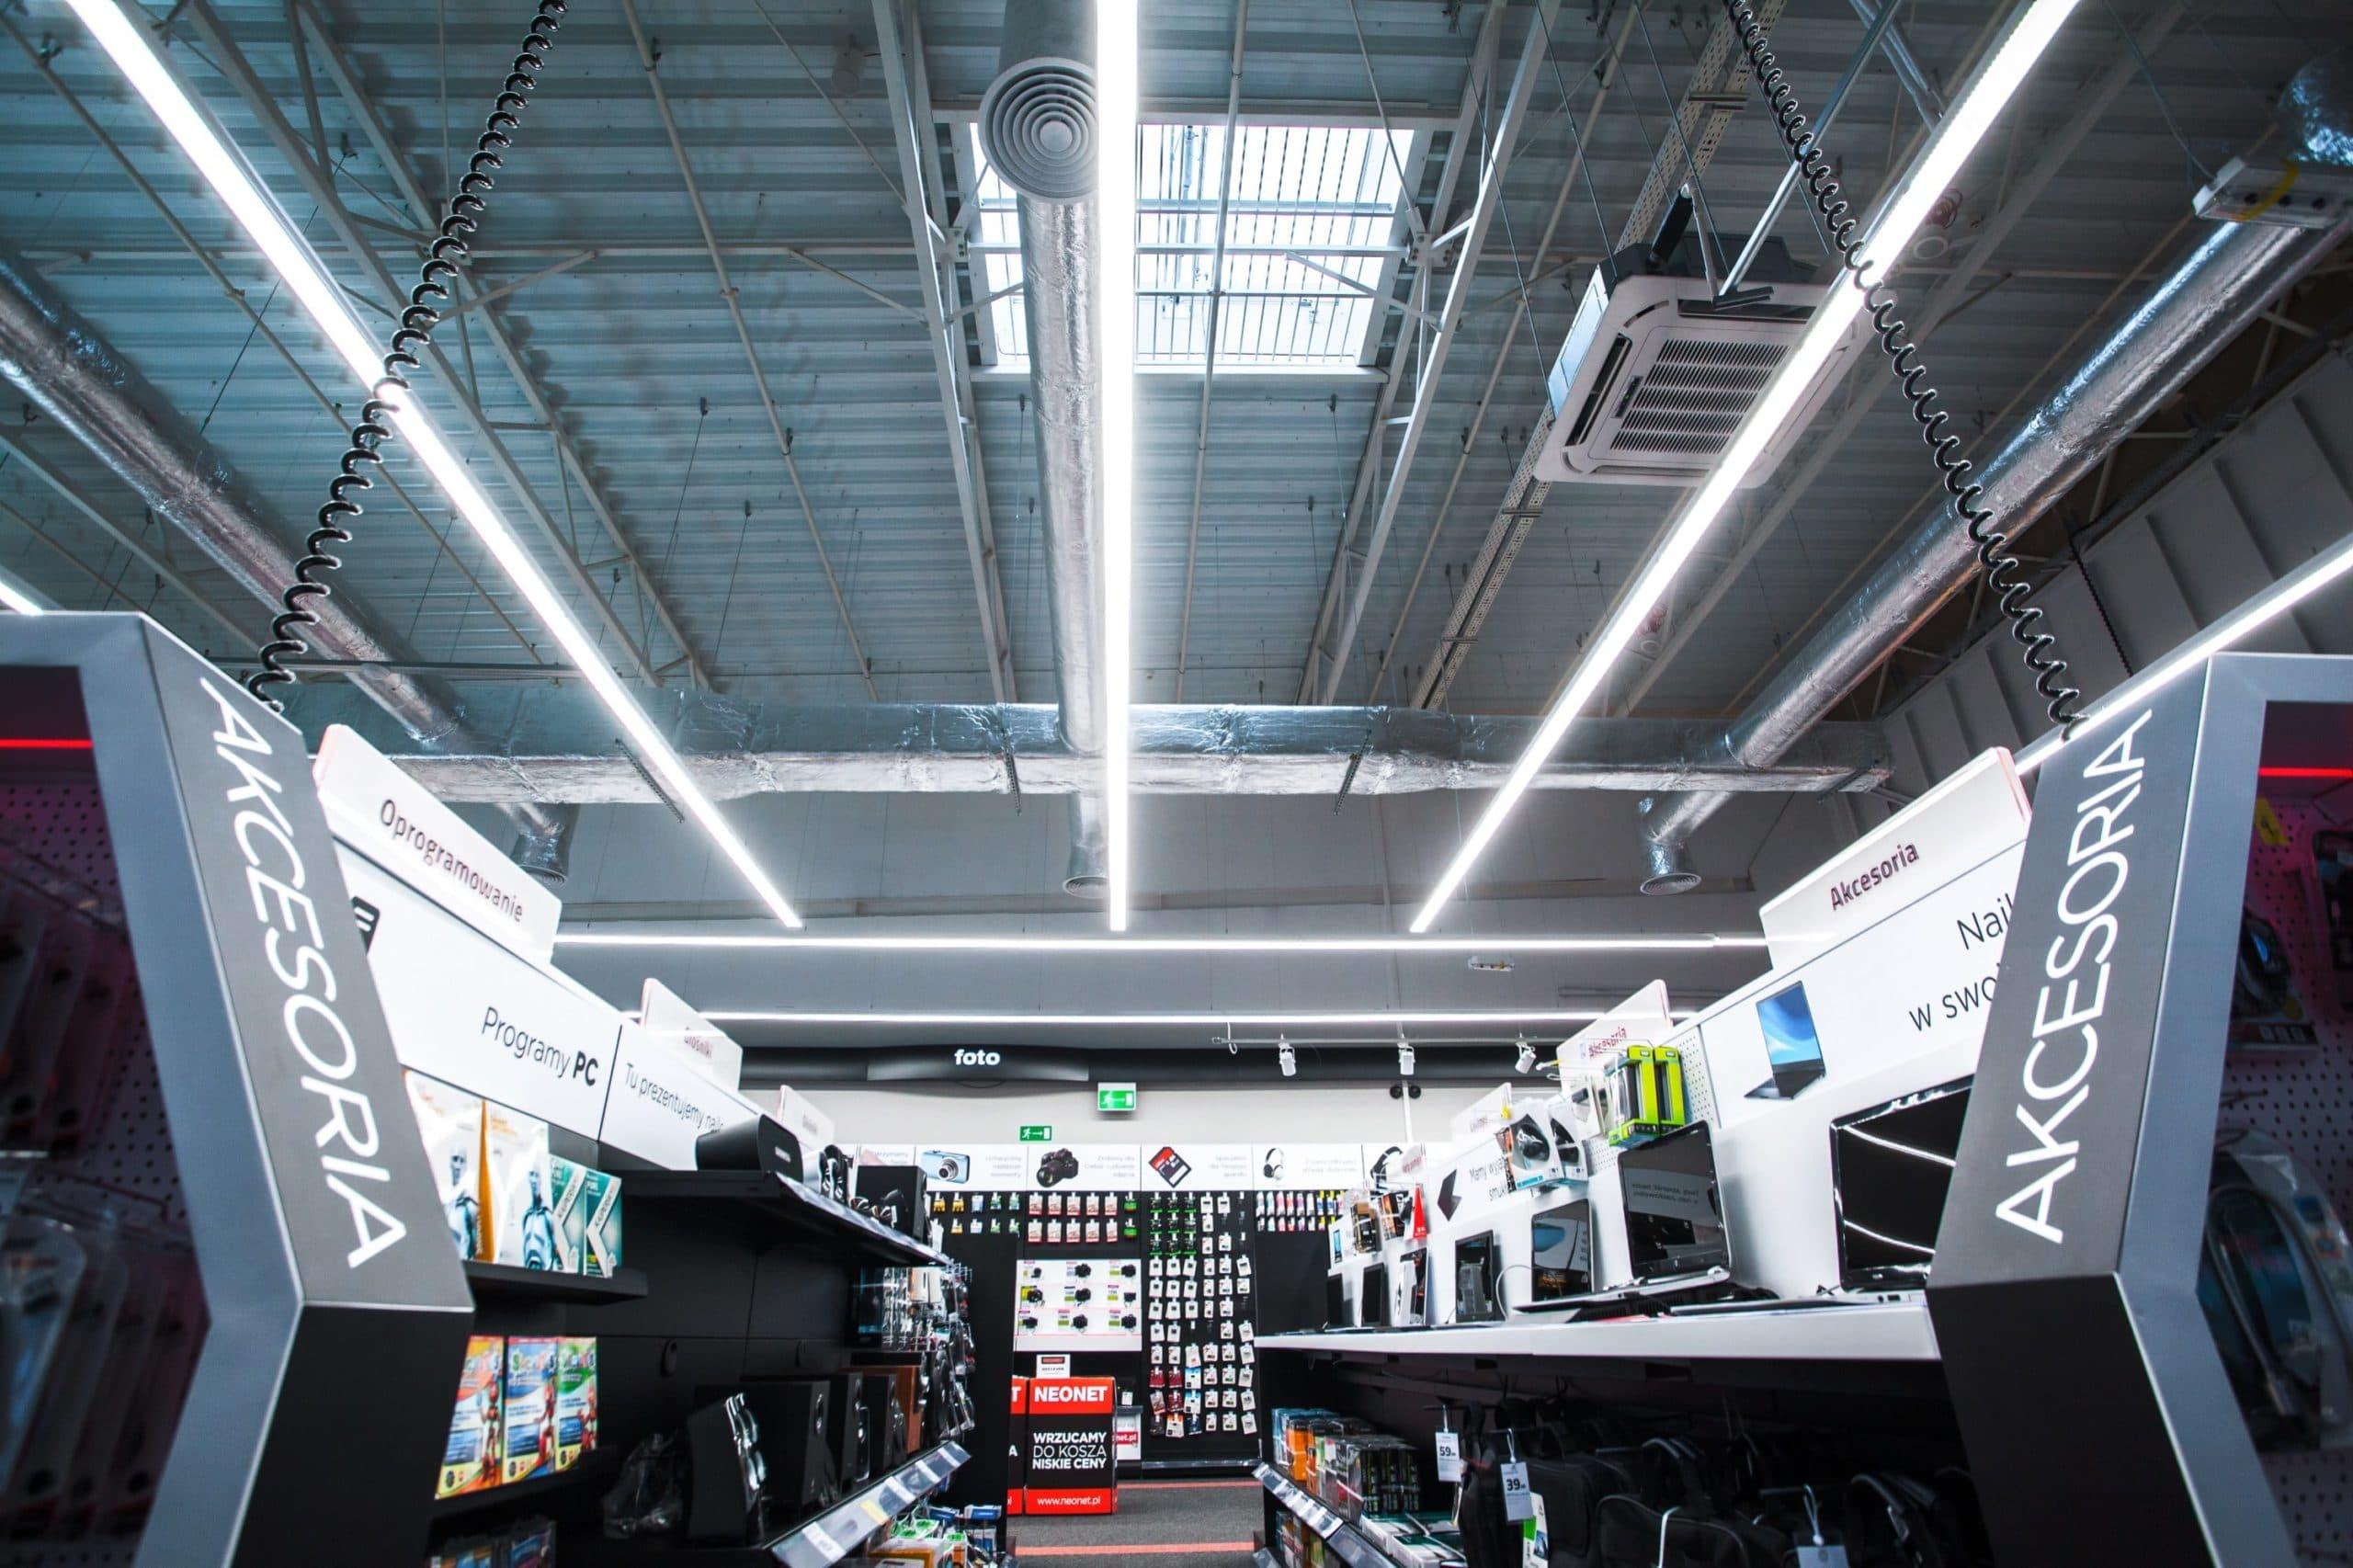 Oprawy liniowe, handlowe Lumiline w sklepie Neonet - Luxon LED